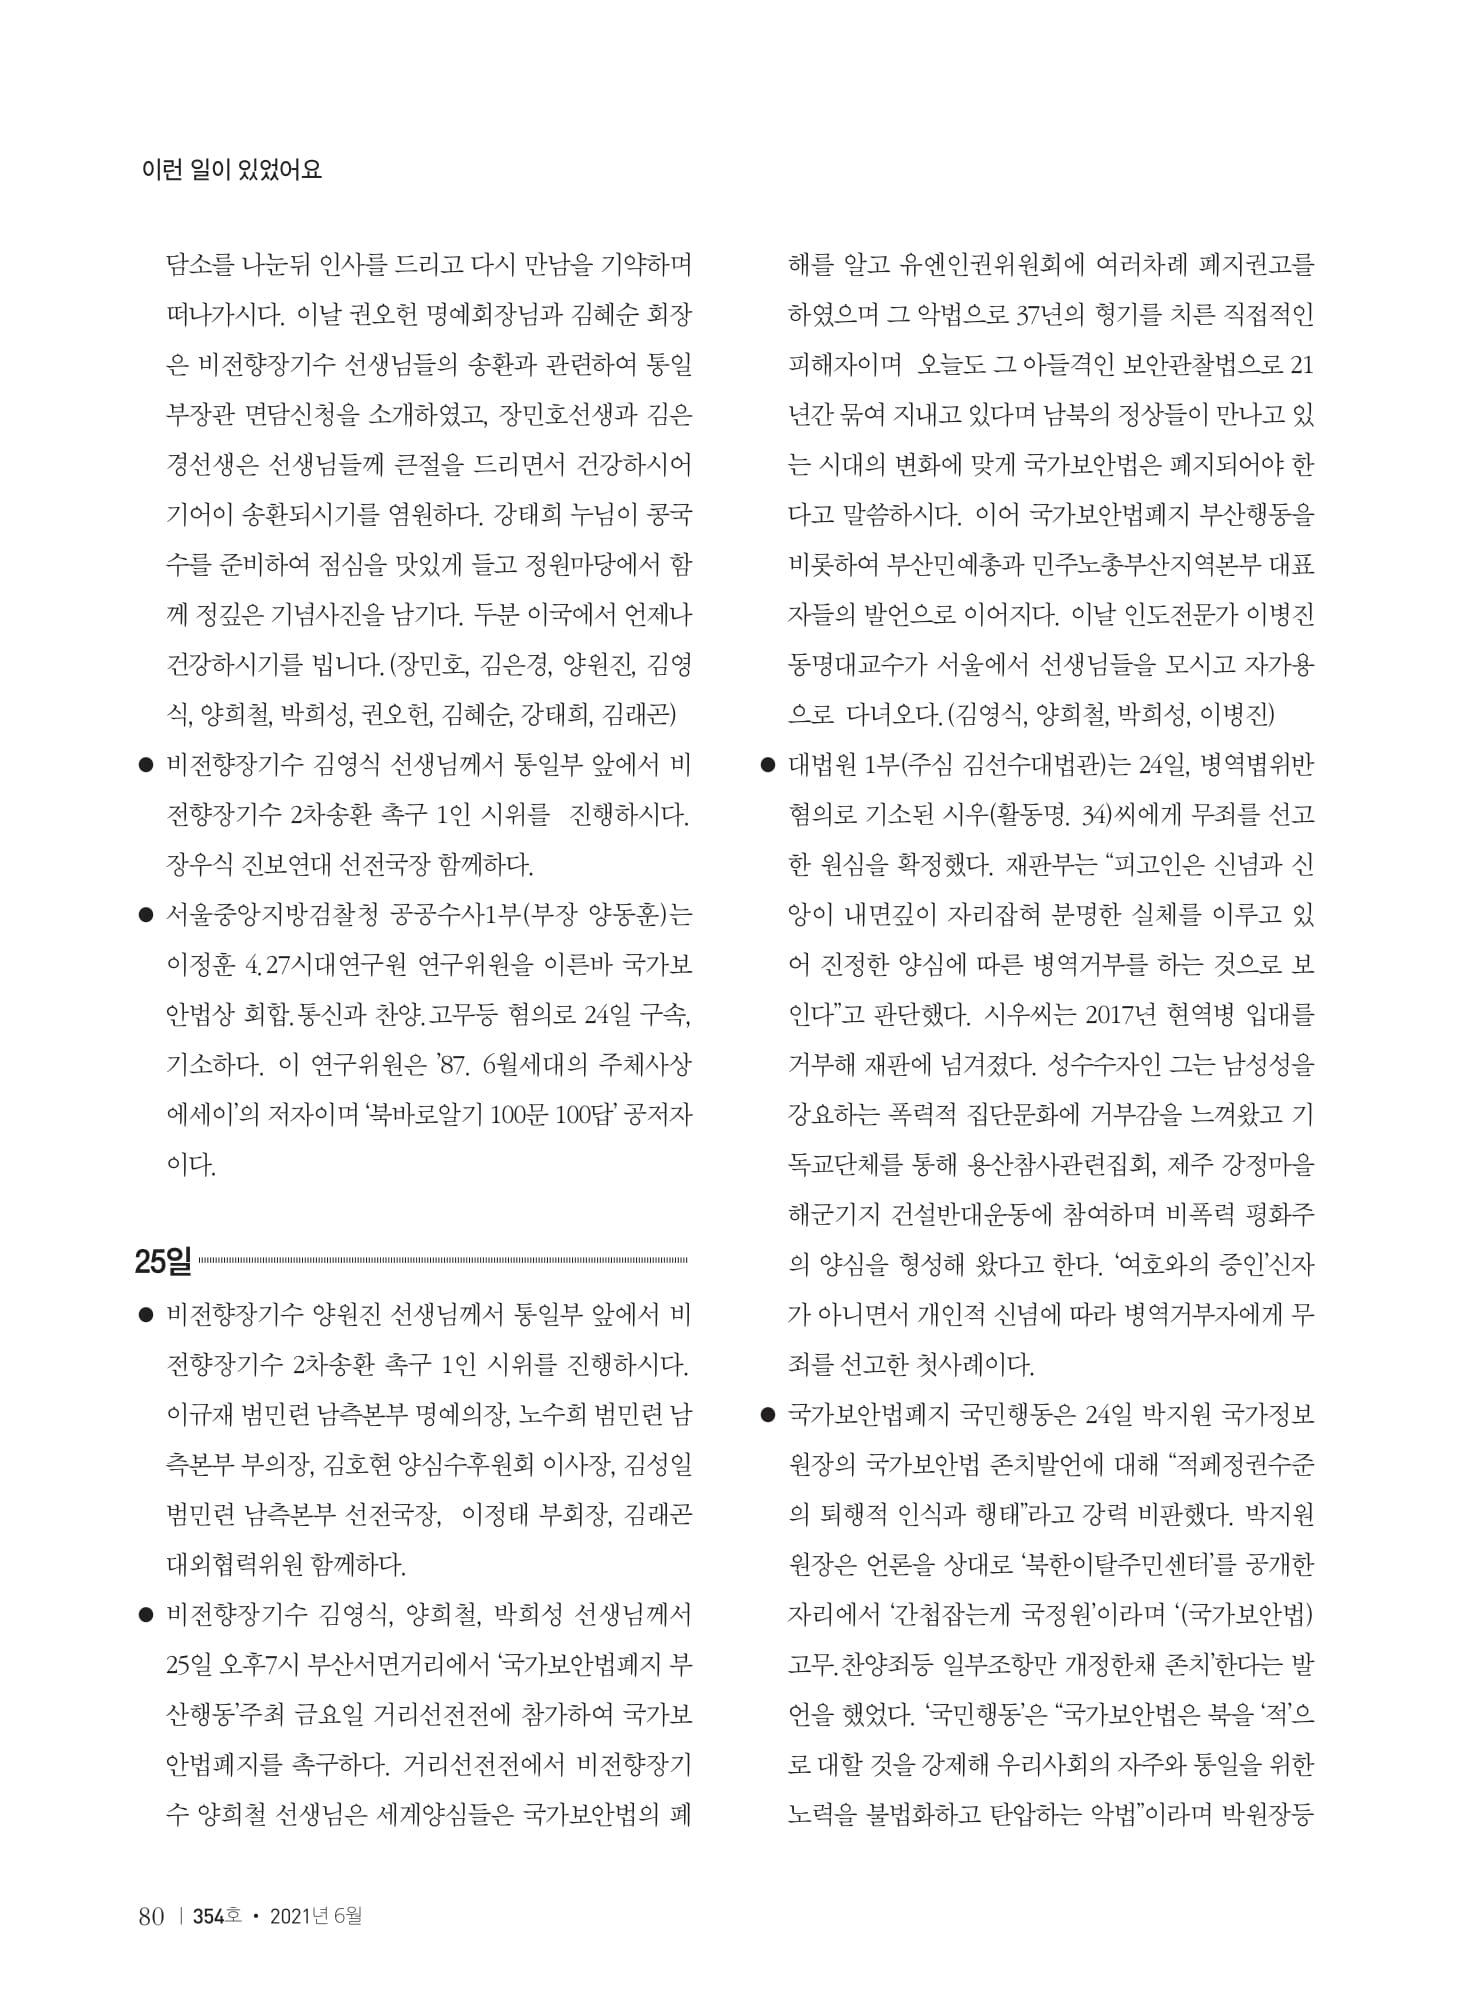 [양심수후원회] 소식지 354호 web 수정-82.jpg